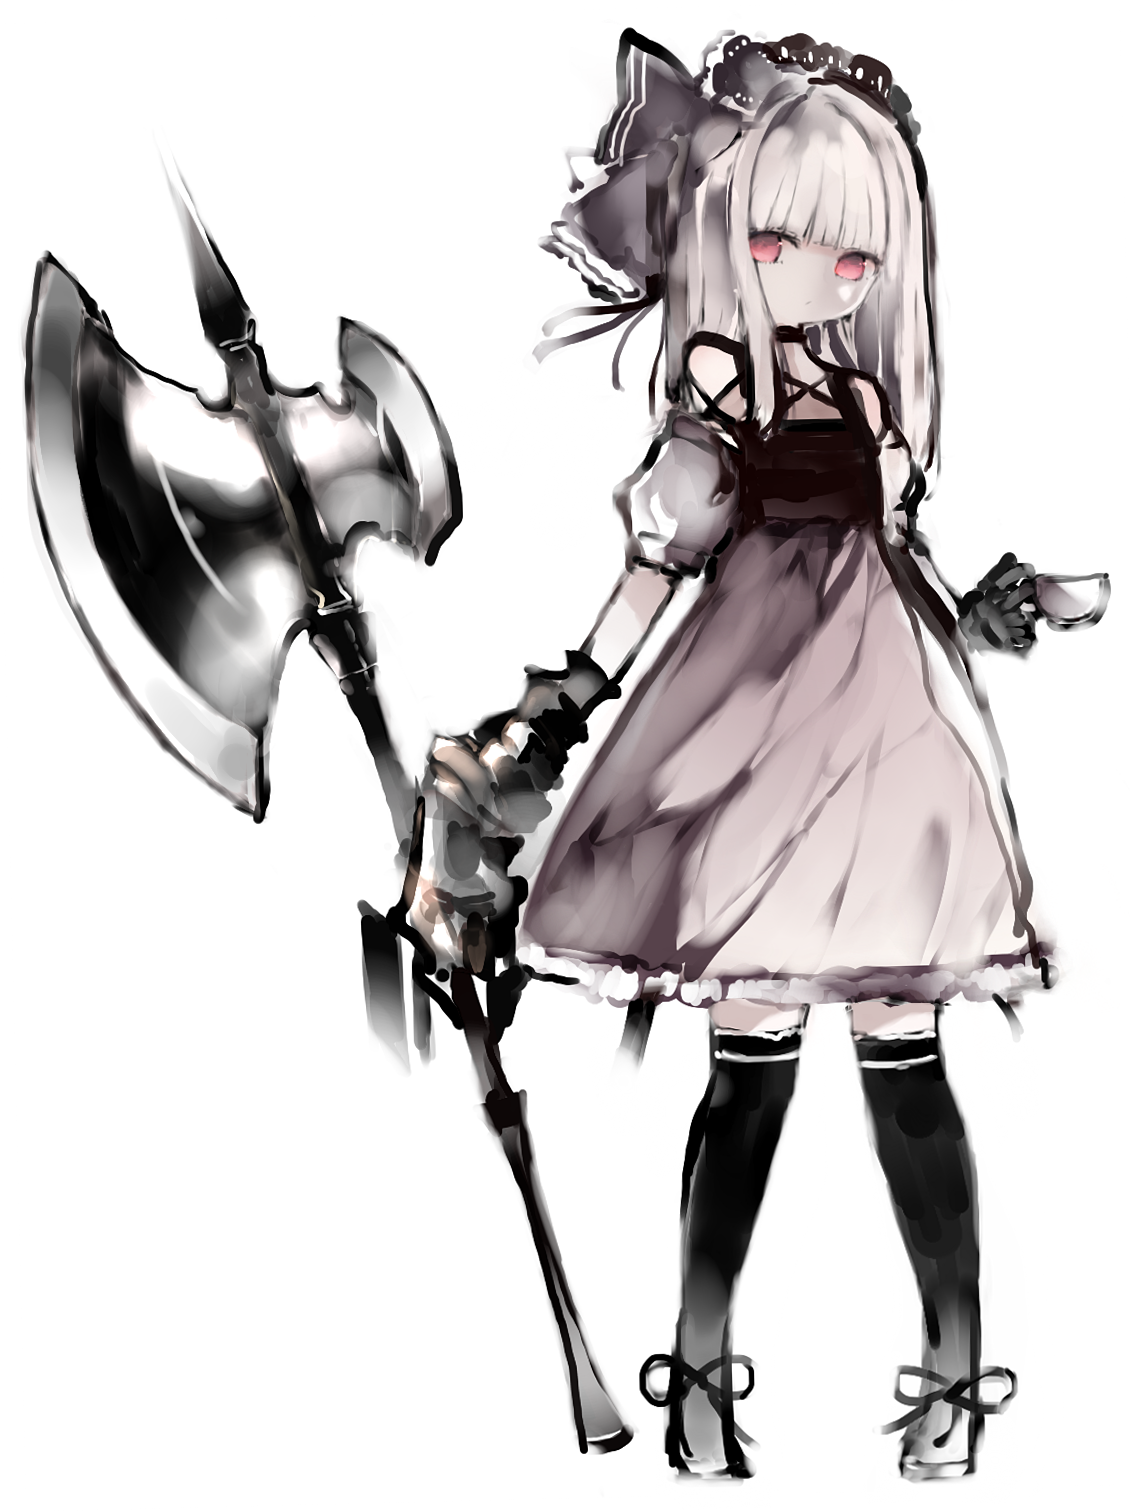 Gothic 斧 ゴシックアニメ, アニメの女の子, イラスト